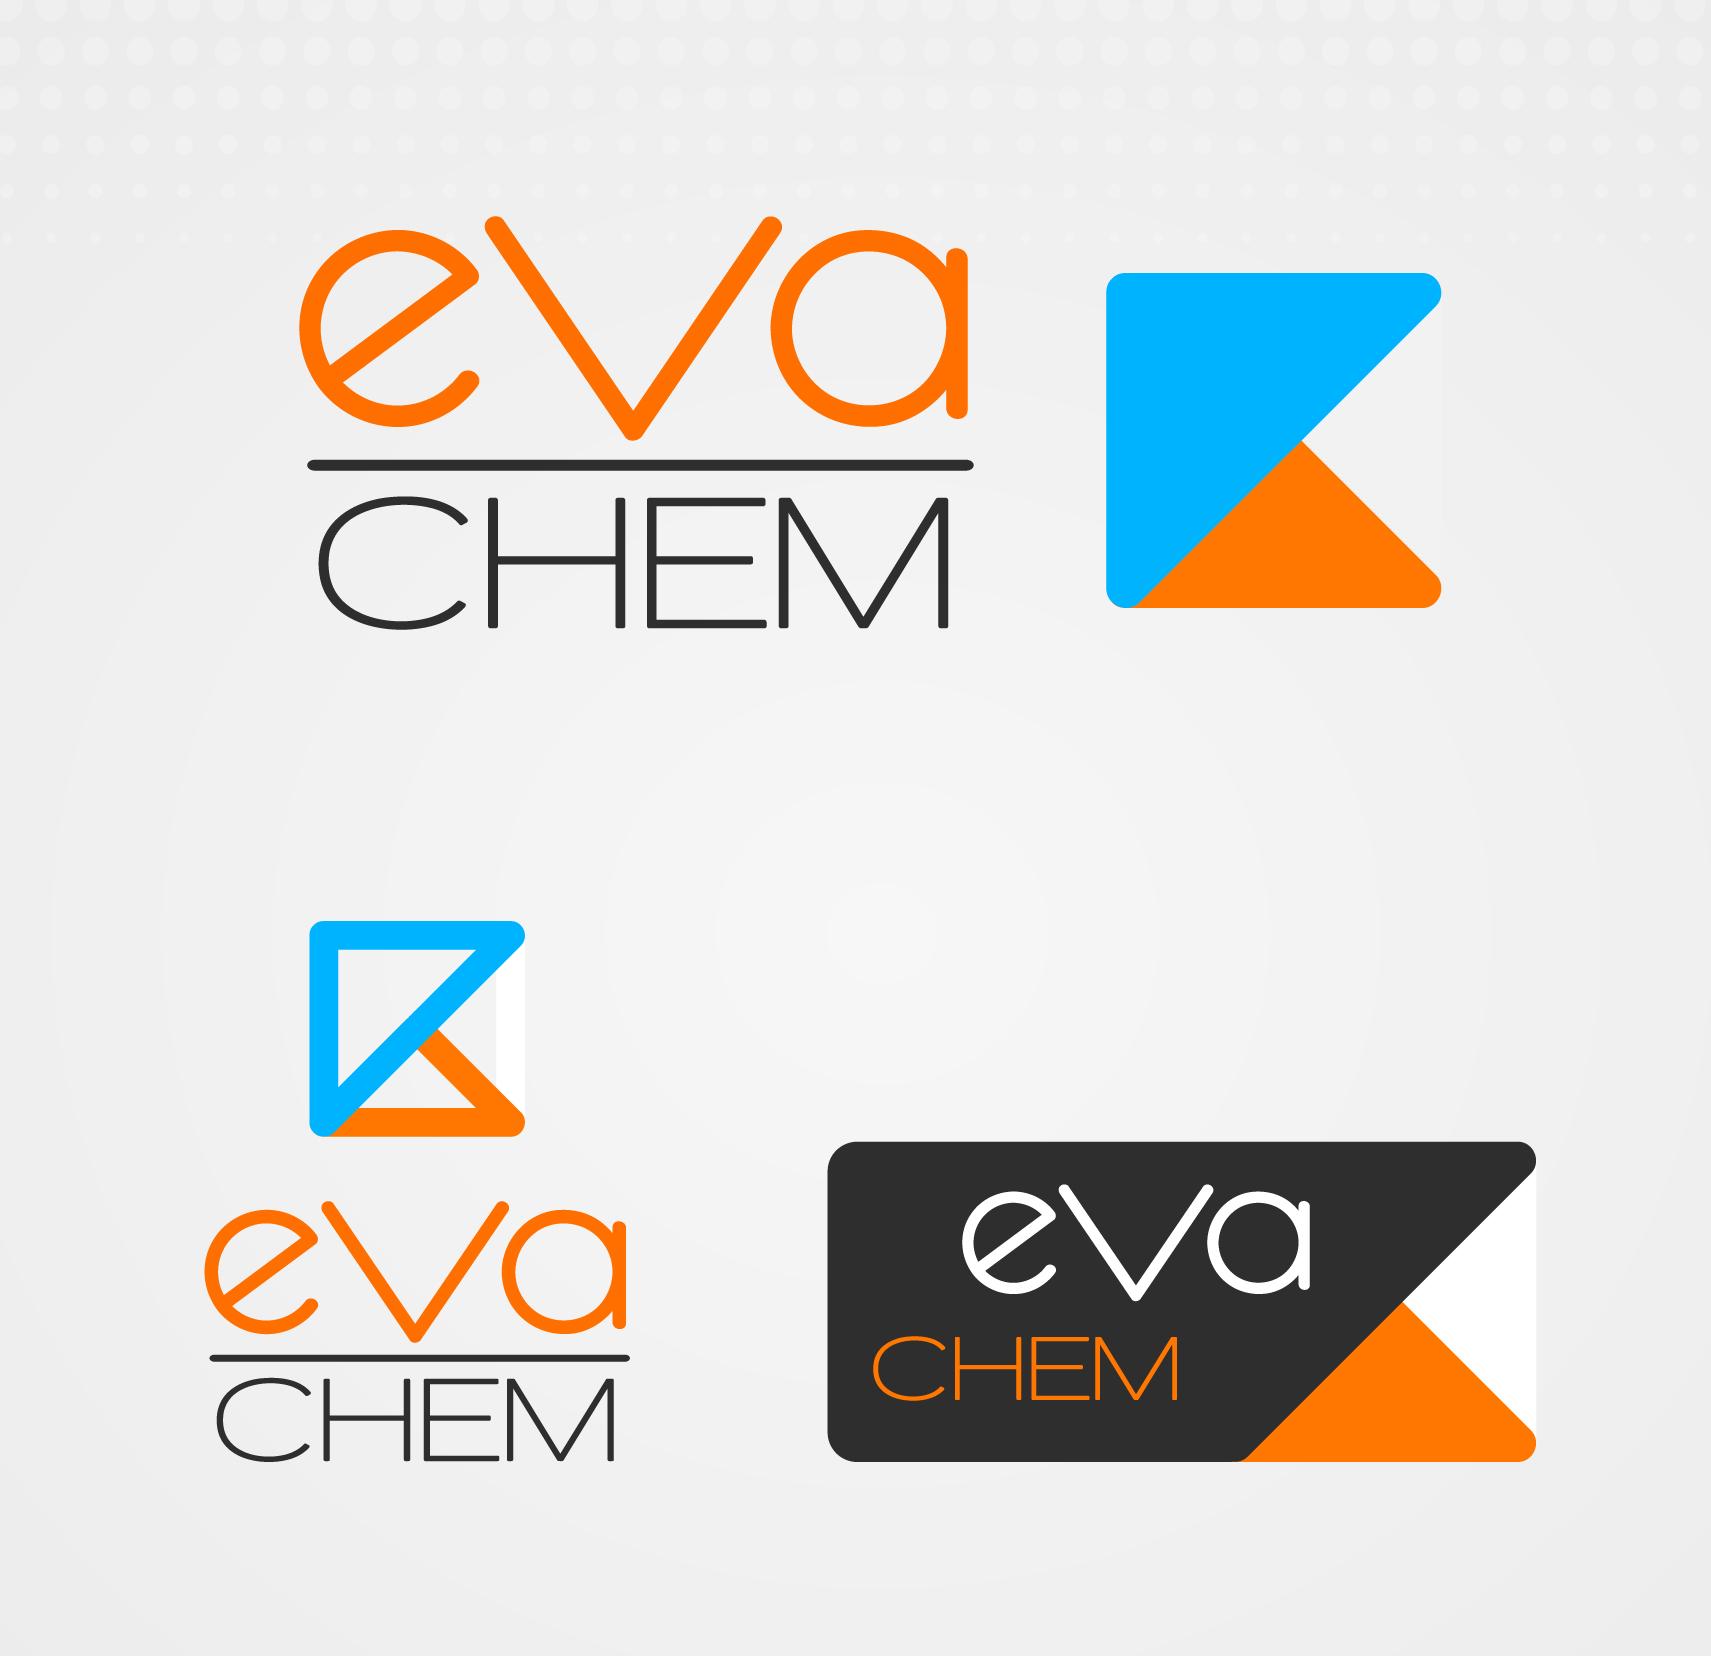 Разработка логотипа и фирменного стиля компании фото f_090572a4c9f39c75.jpg